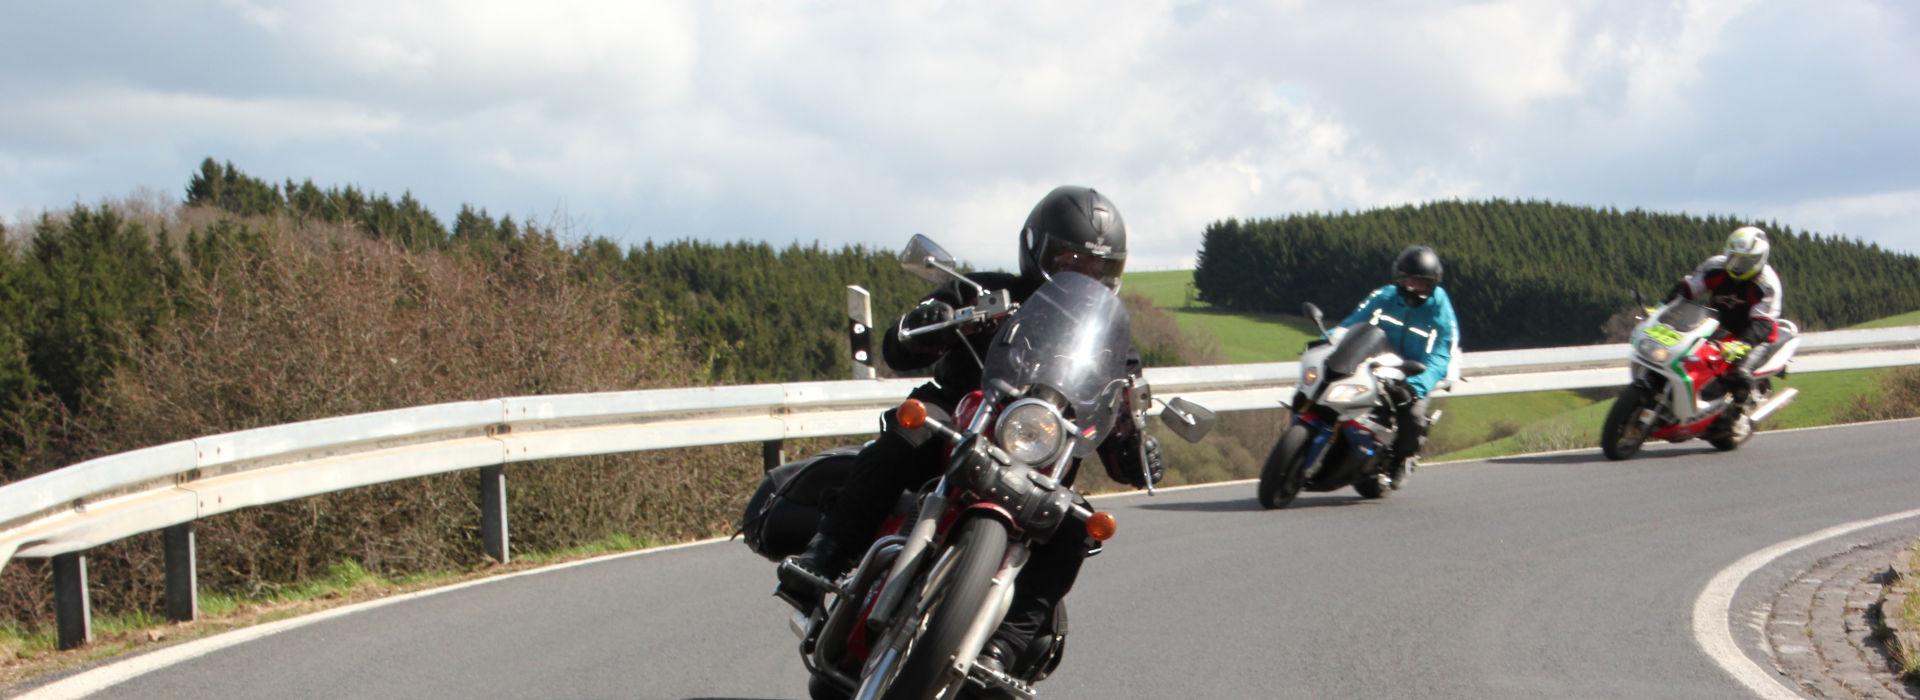 Motorrijbewijspoint Barneveld motorrijlessen